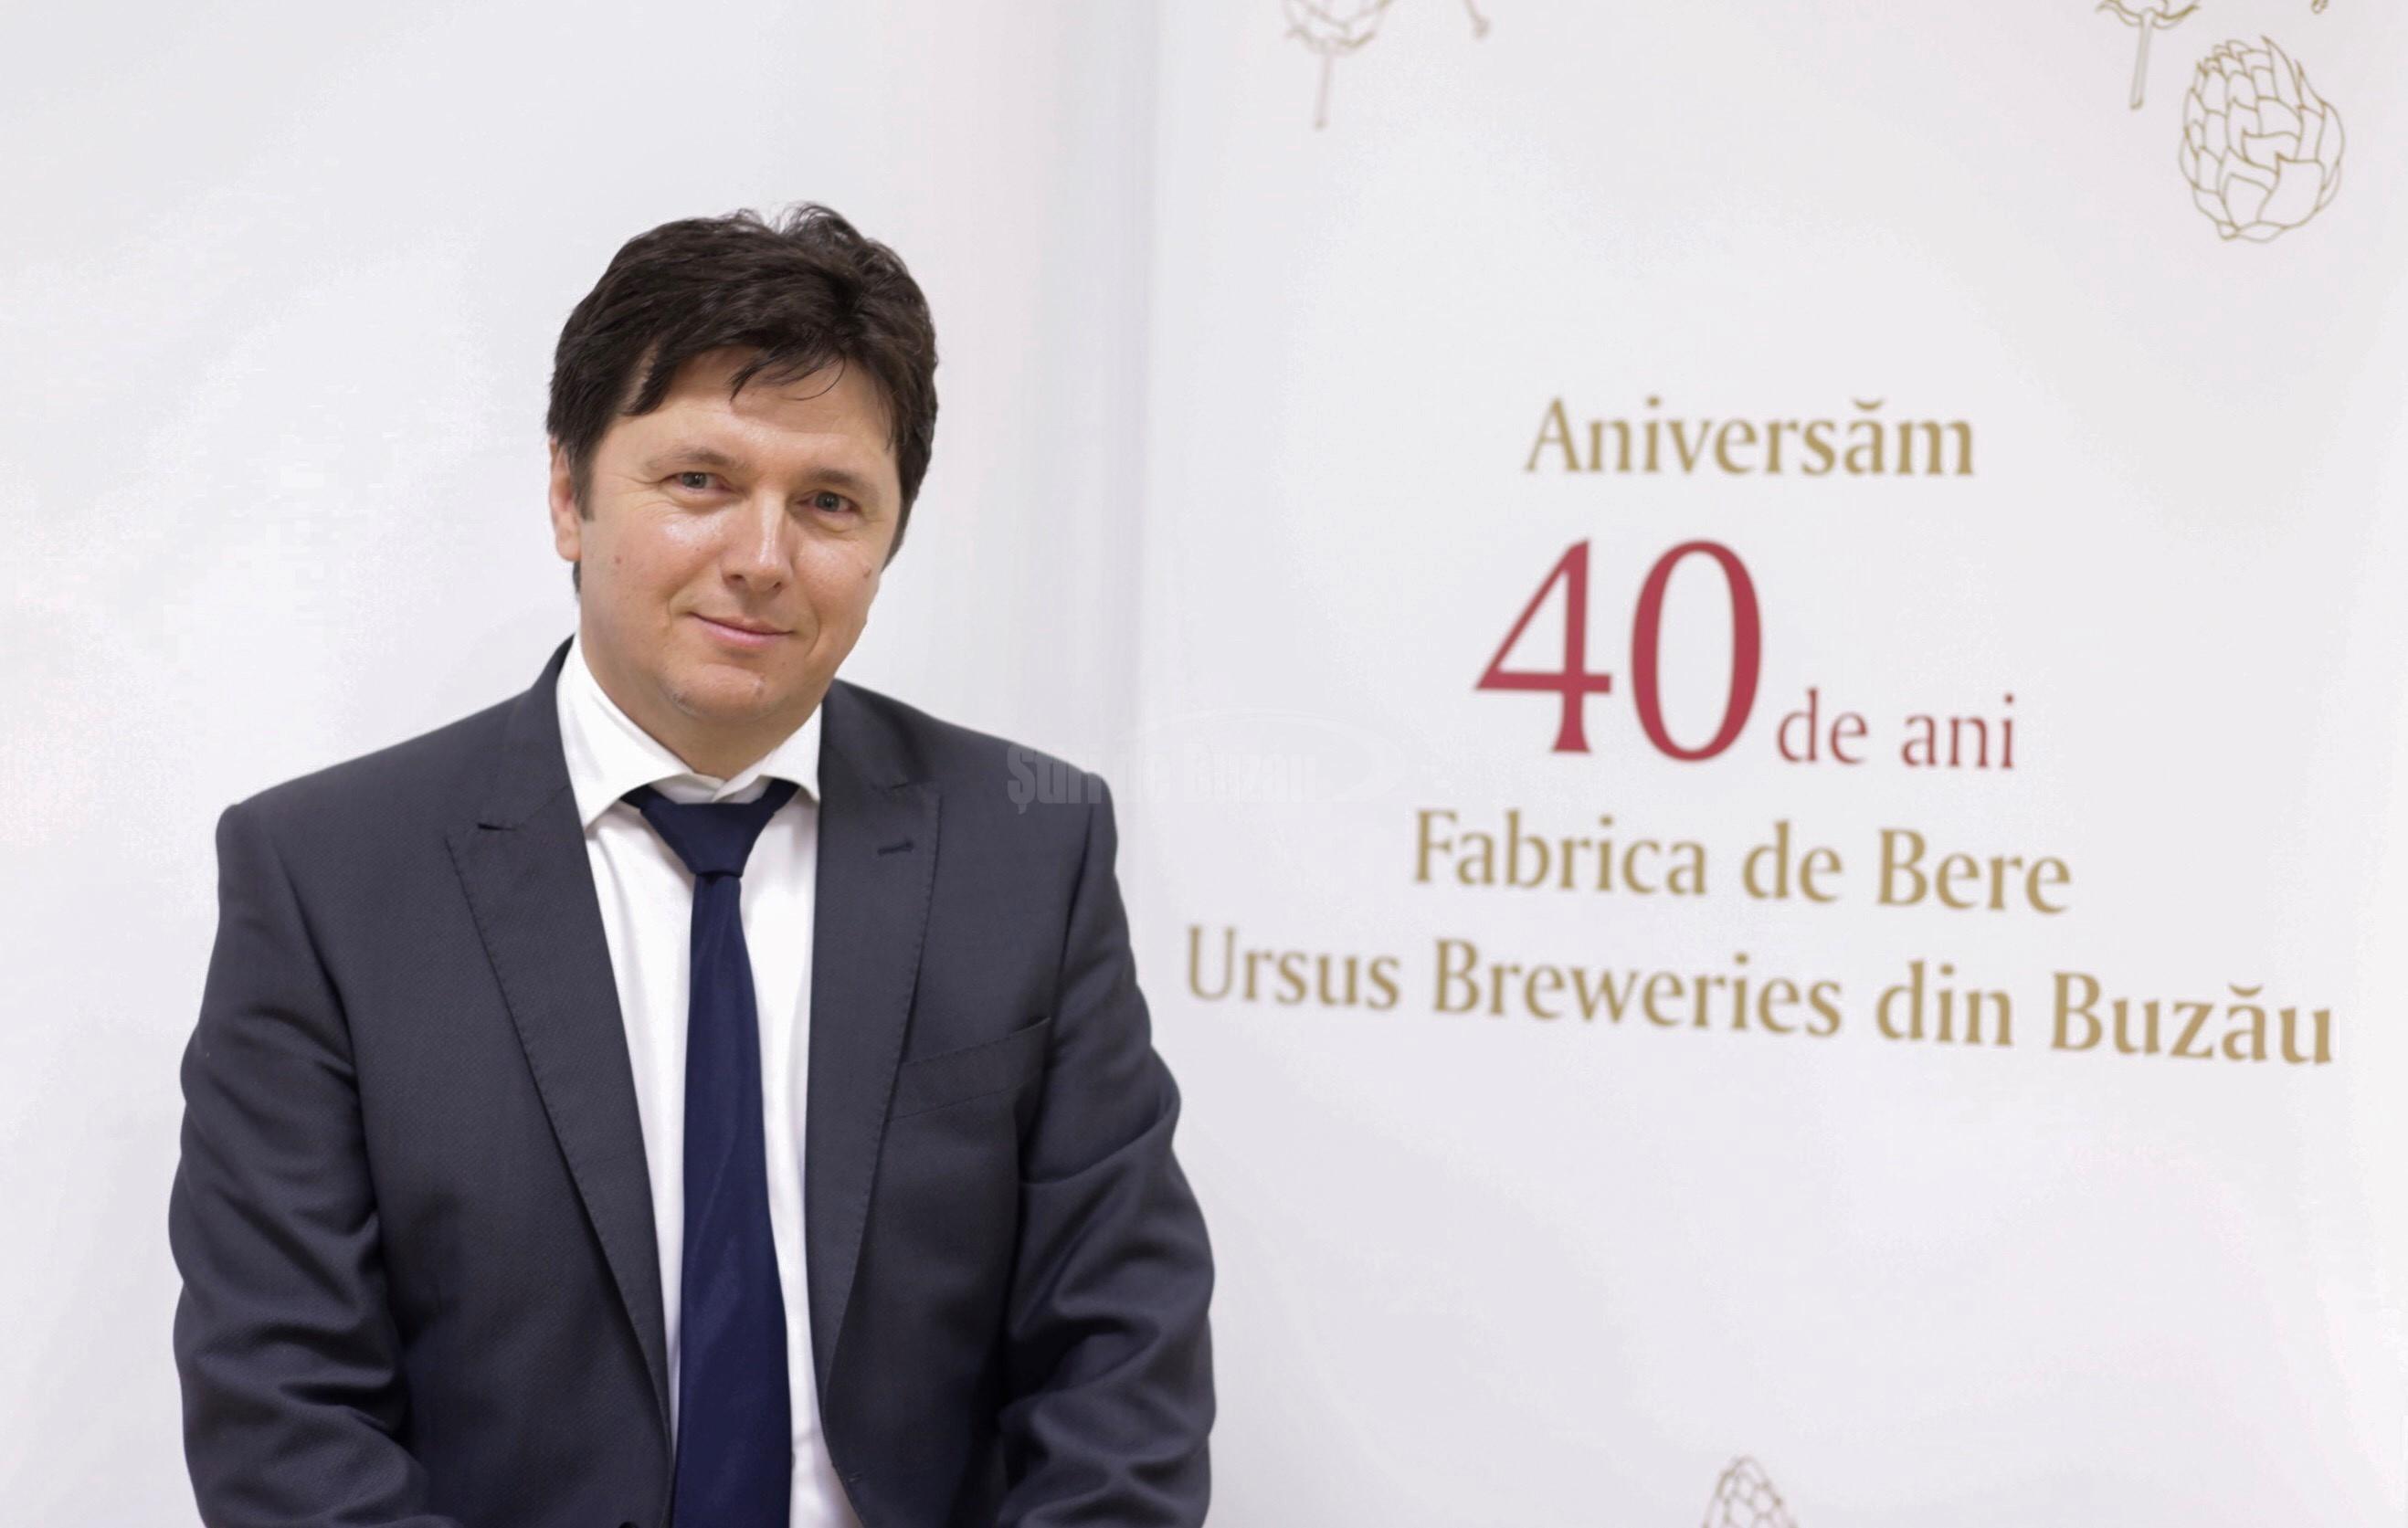 Sorin Harabagiu, Directorul Fabricii de bere Ursus Breweries din Buzău